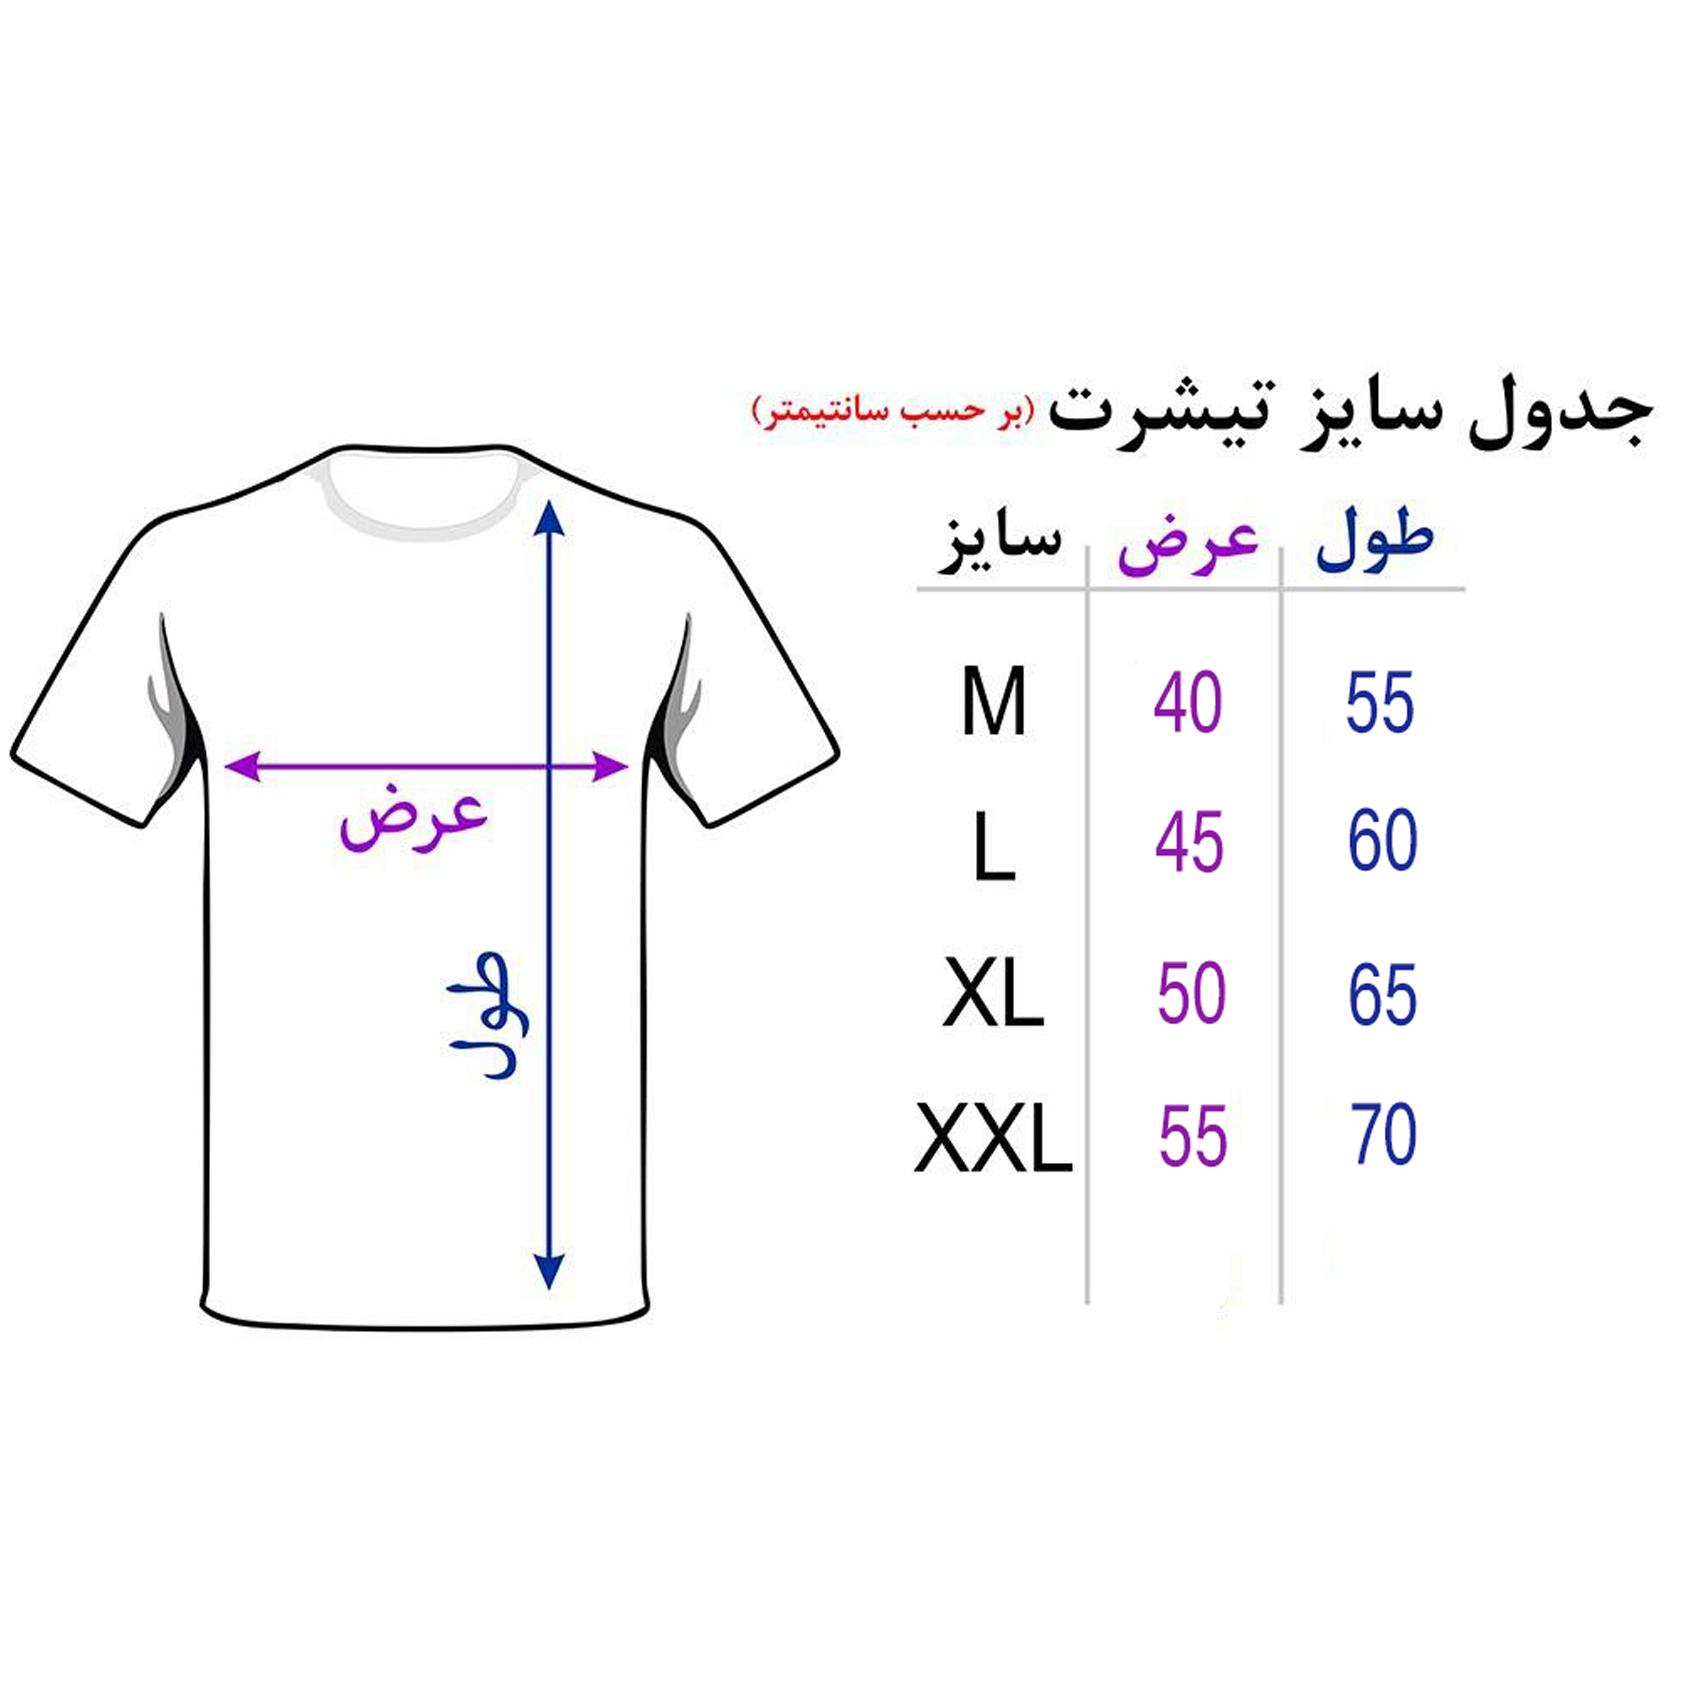 تی شرت آستین کوتاه مردانه 27 طرح XO کد TR08 رنگ مشکی -  - 4